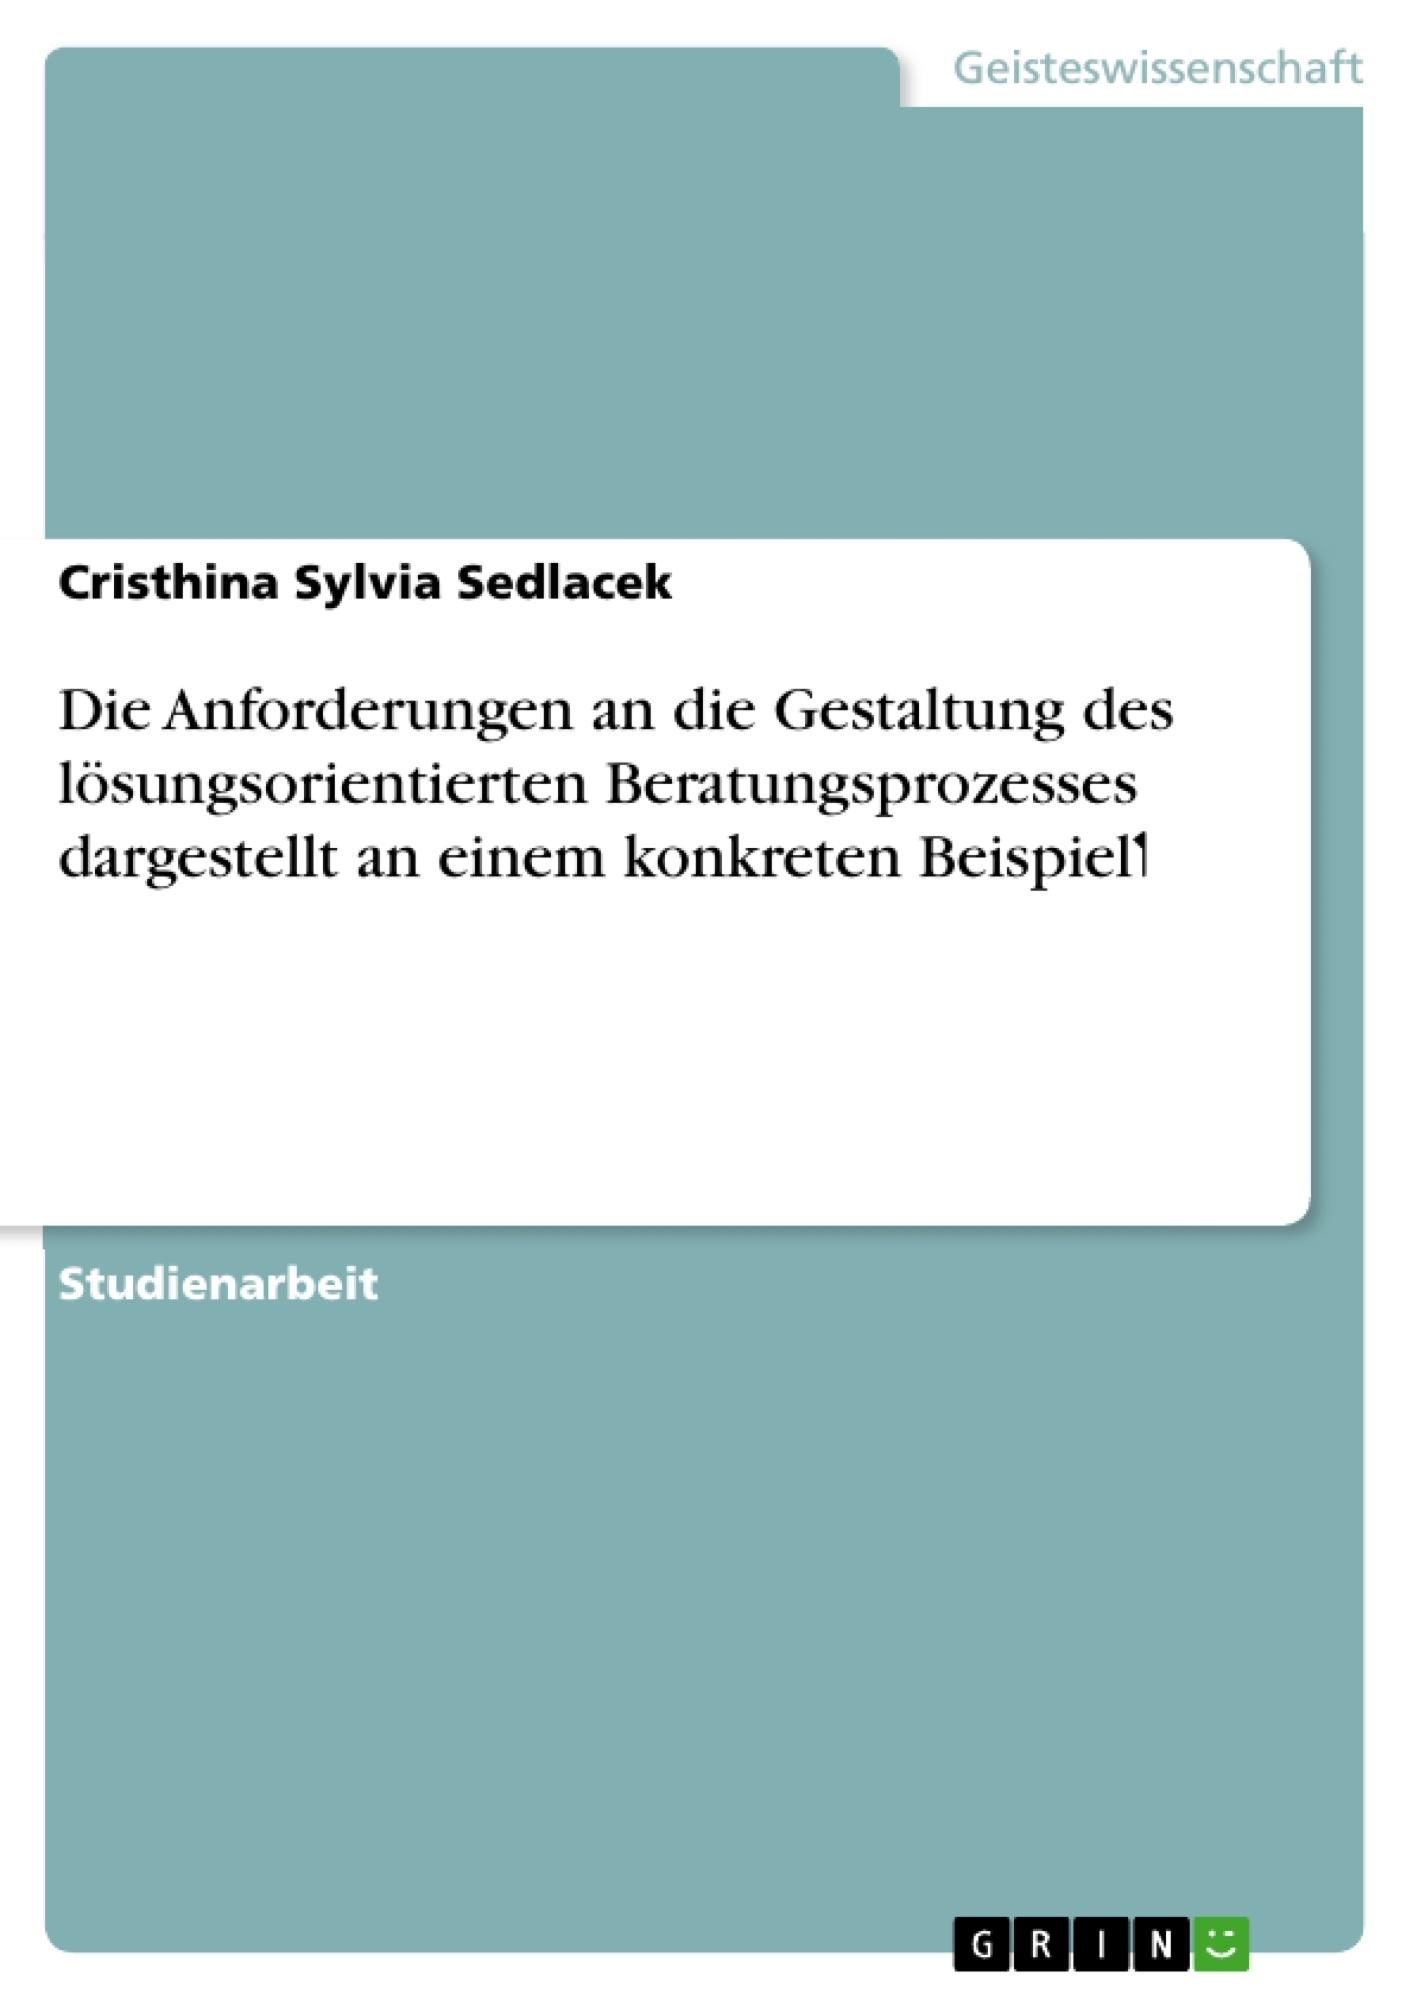 Titel: Die Anforderungen an die Gestaltung des lösungsorientierten Beratungsprozesses dargestellt an einem konkreten Beispiel